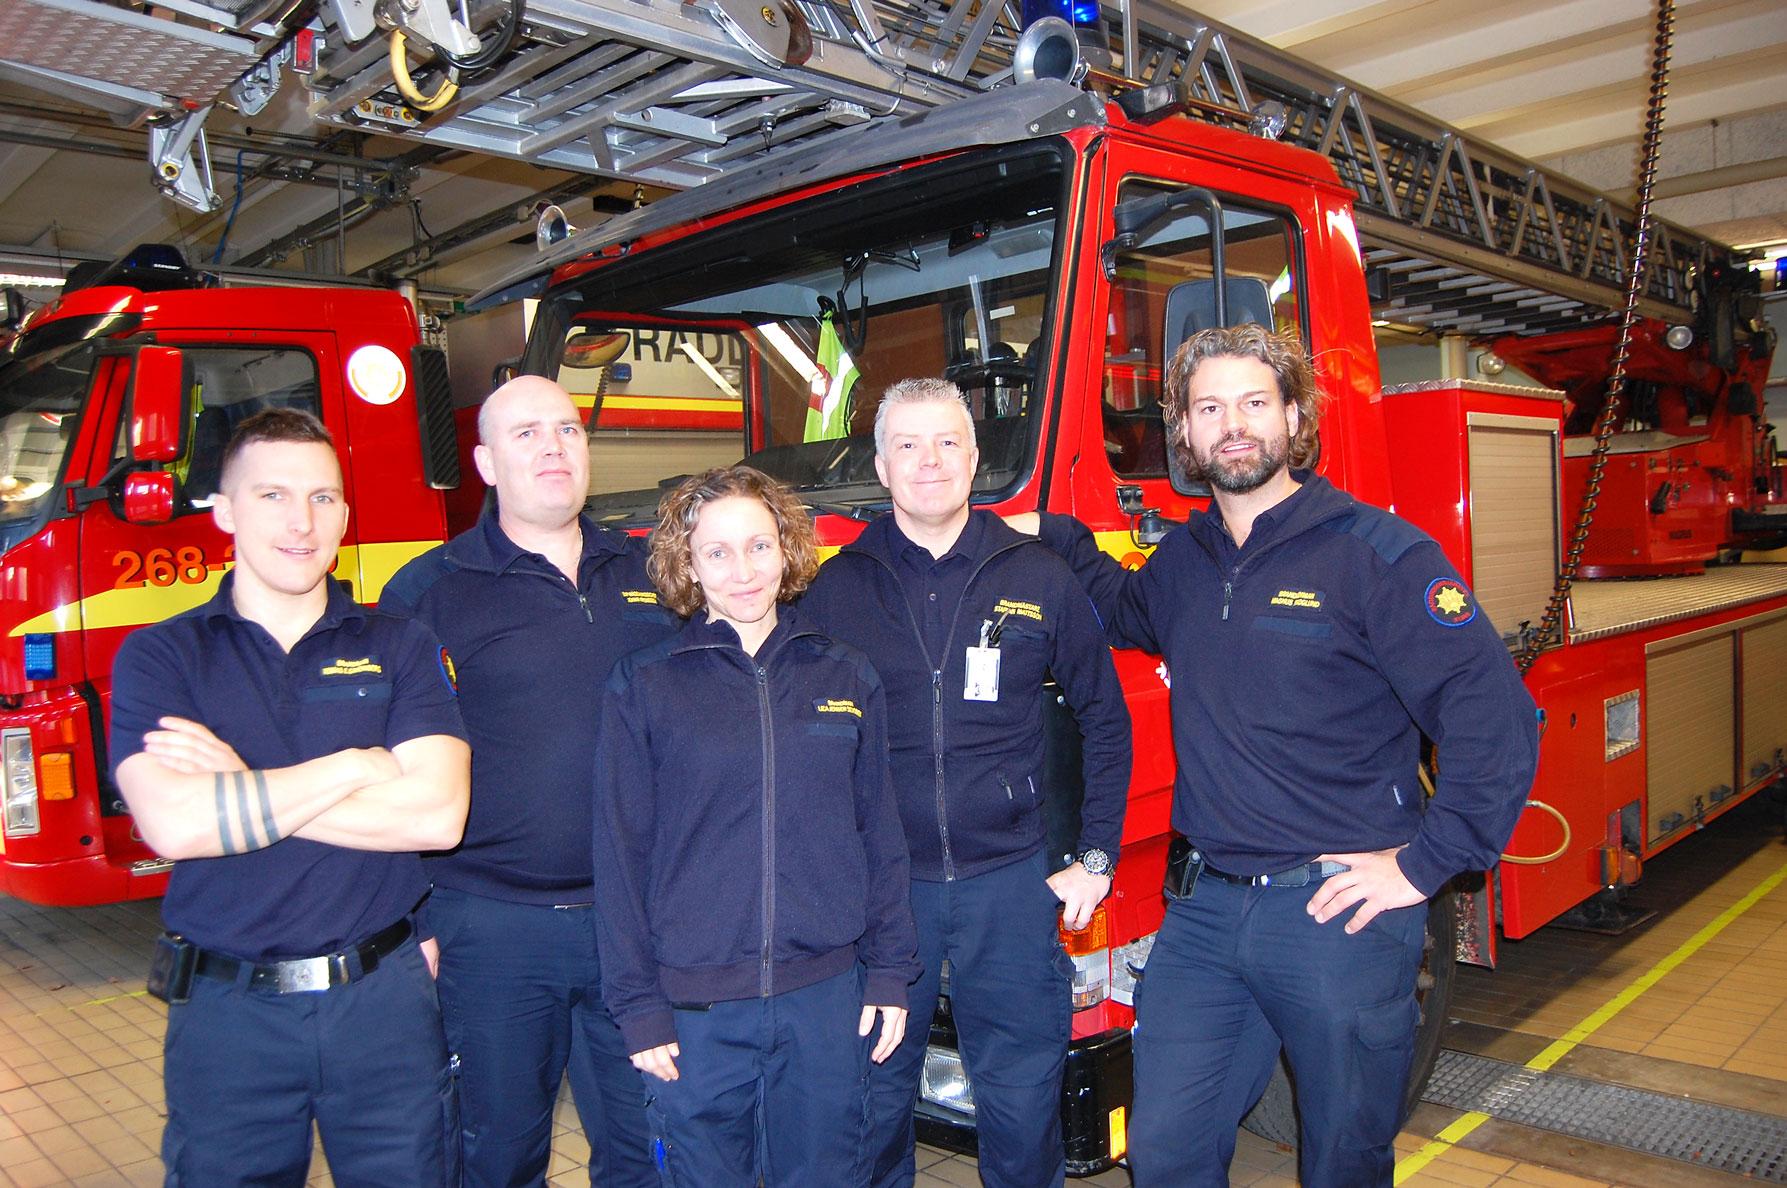 Räddningstjänstens Tobias Strömberg, Johan Aronsson, Lisa Jensen Dziobek, Staffan Mattsson och Magnus Skoglund vet vad det innebär att jobba under julhelgen.